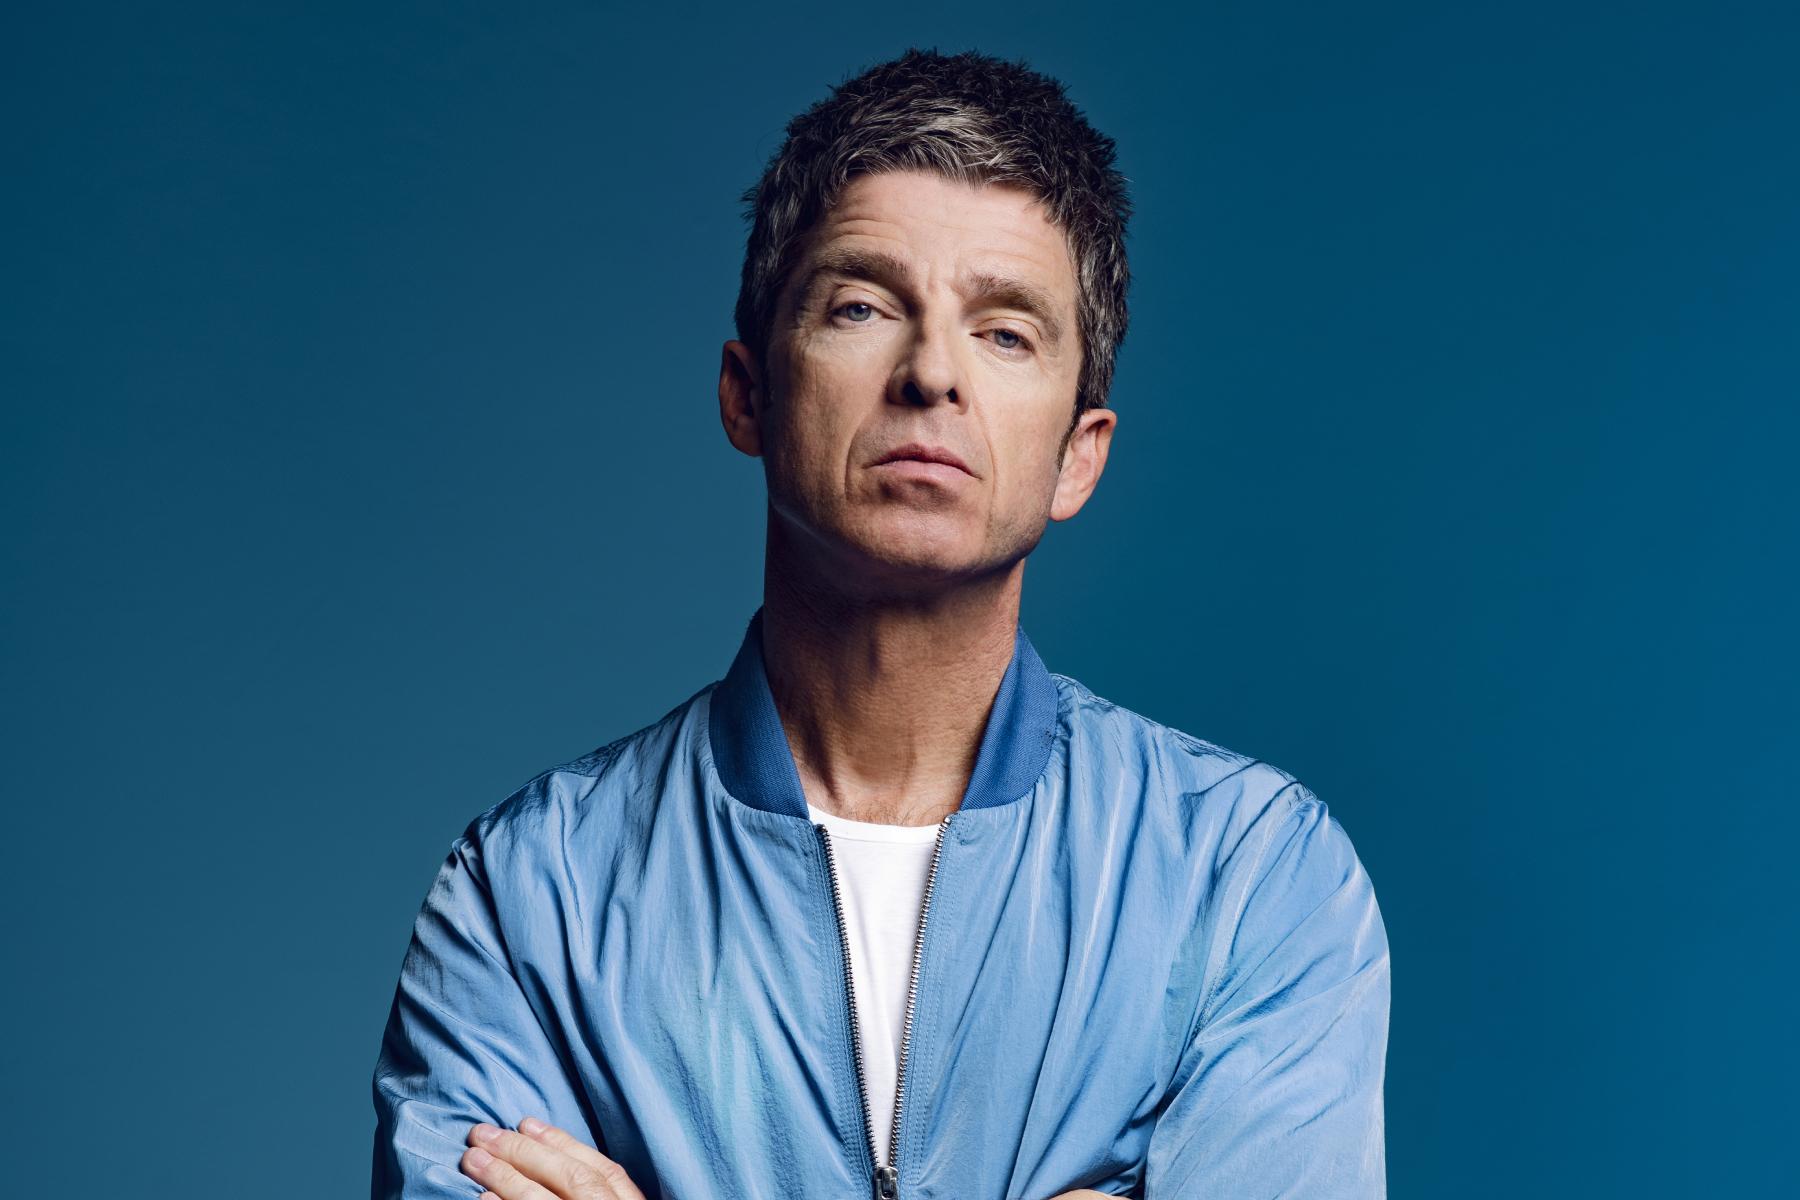 Mire el video de High Flying Birds 'Flying on the Ground' de Noel Gallagher